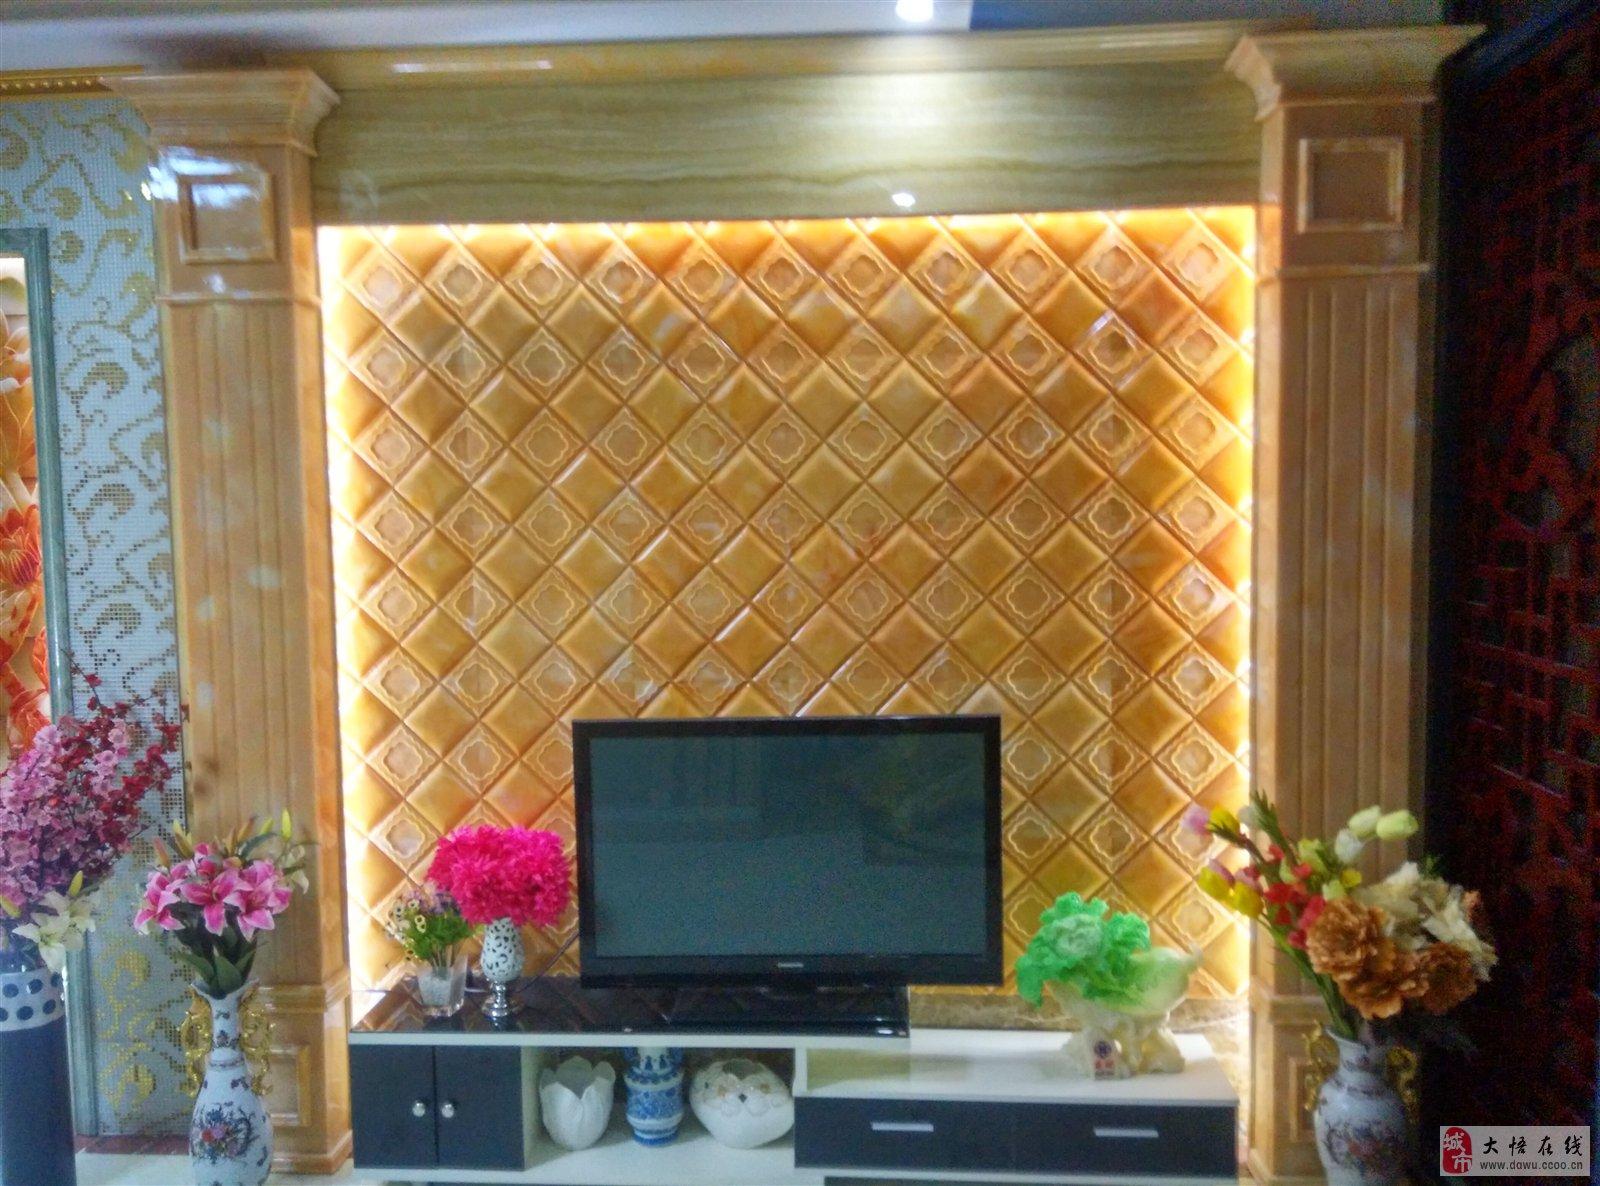 大悟专业多年背景墙设计,制作安装销售